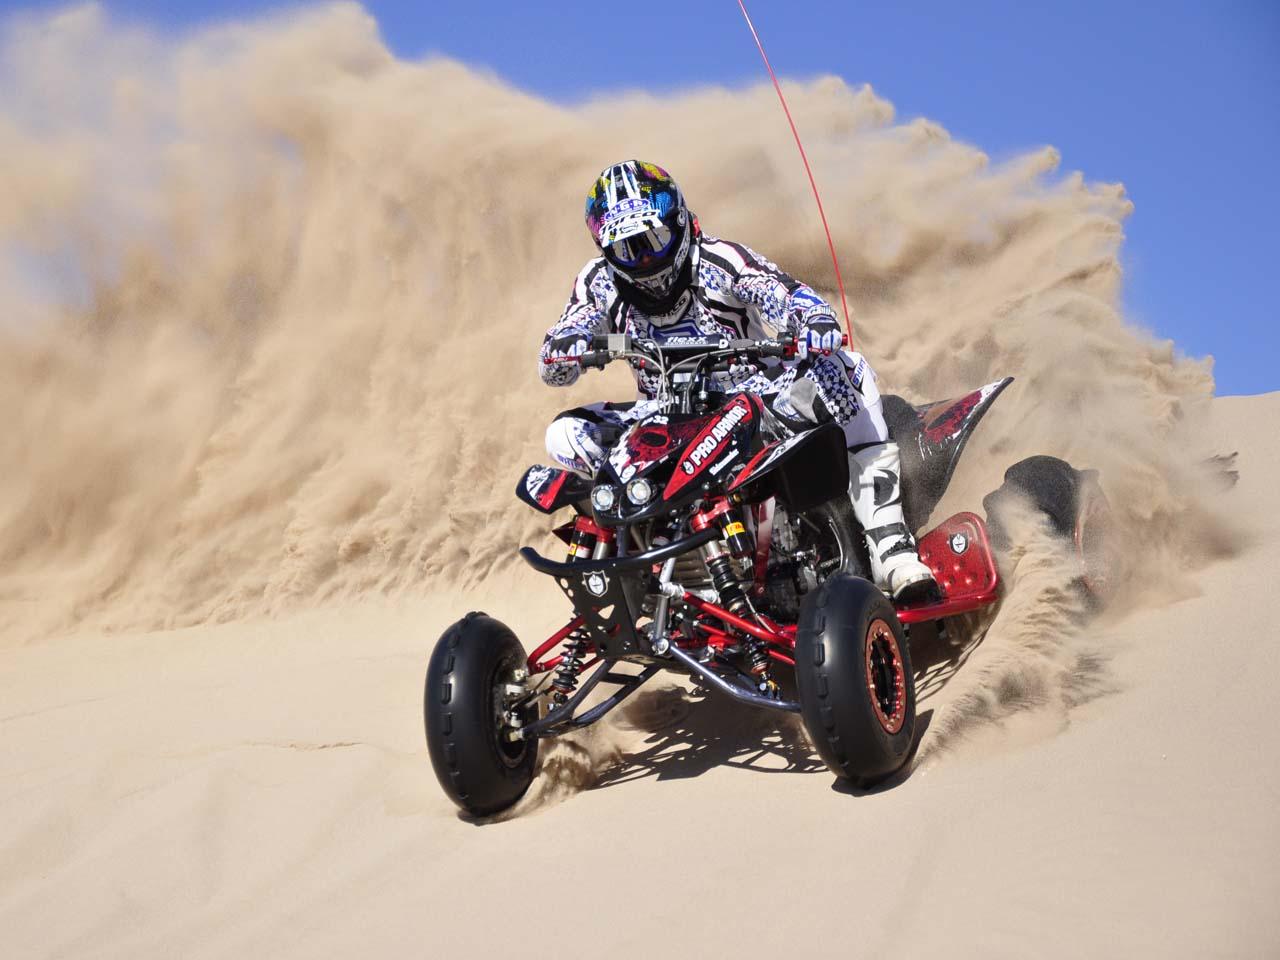 2010.honda_.trx450r.front-left.black_.riding.on-sand.jpg